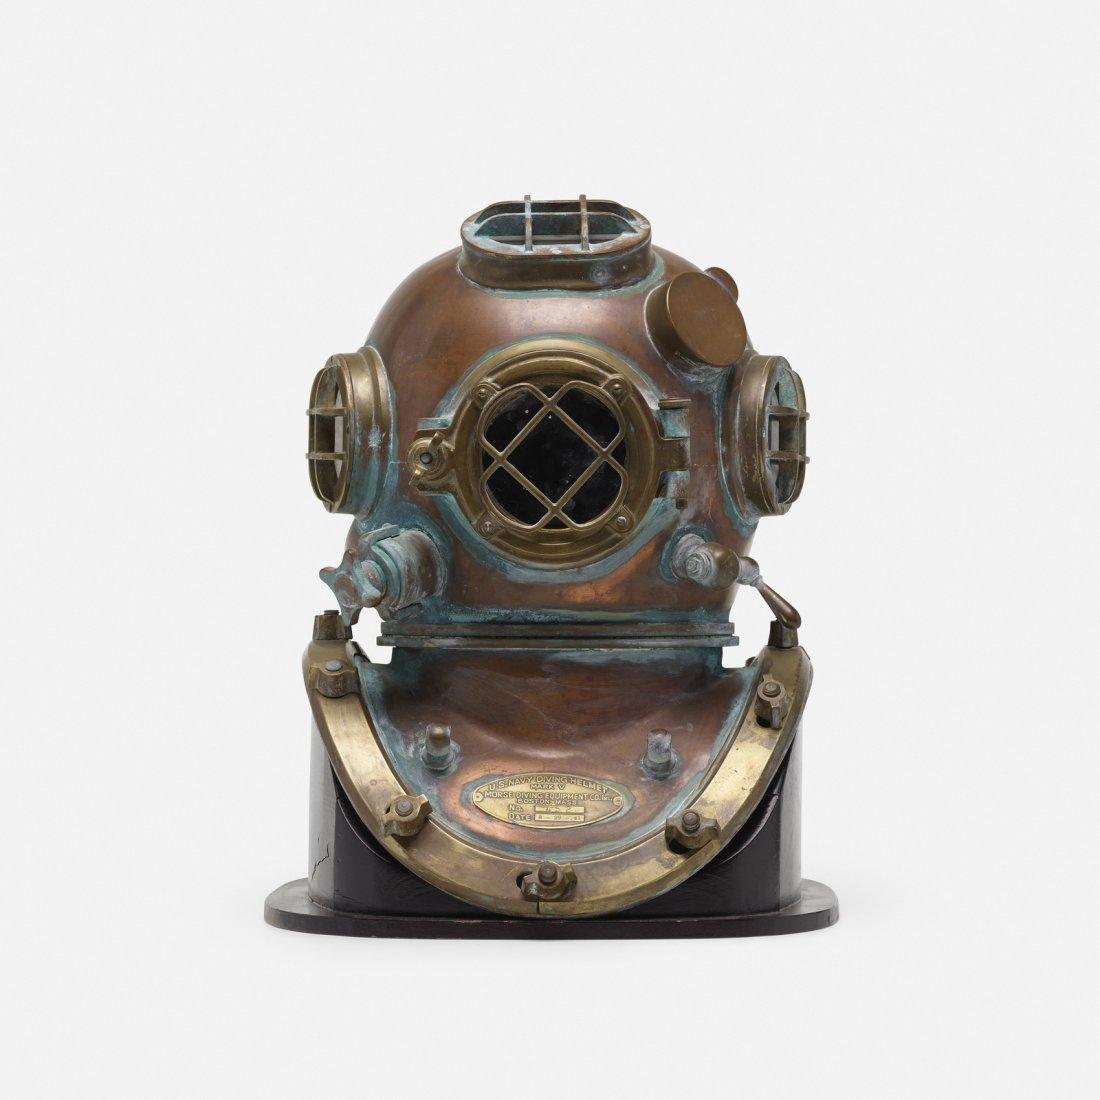 Morse Diving Equipment, U.S. Navy Mark V diving helmet